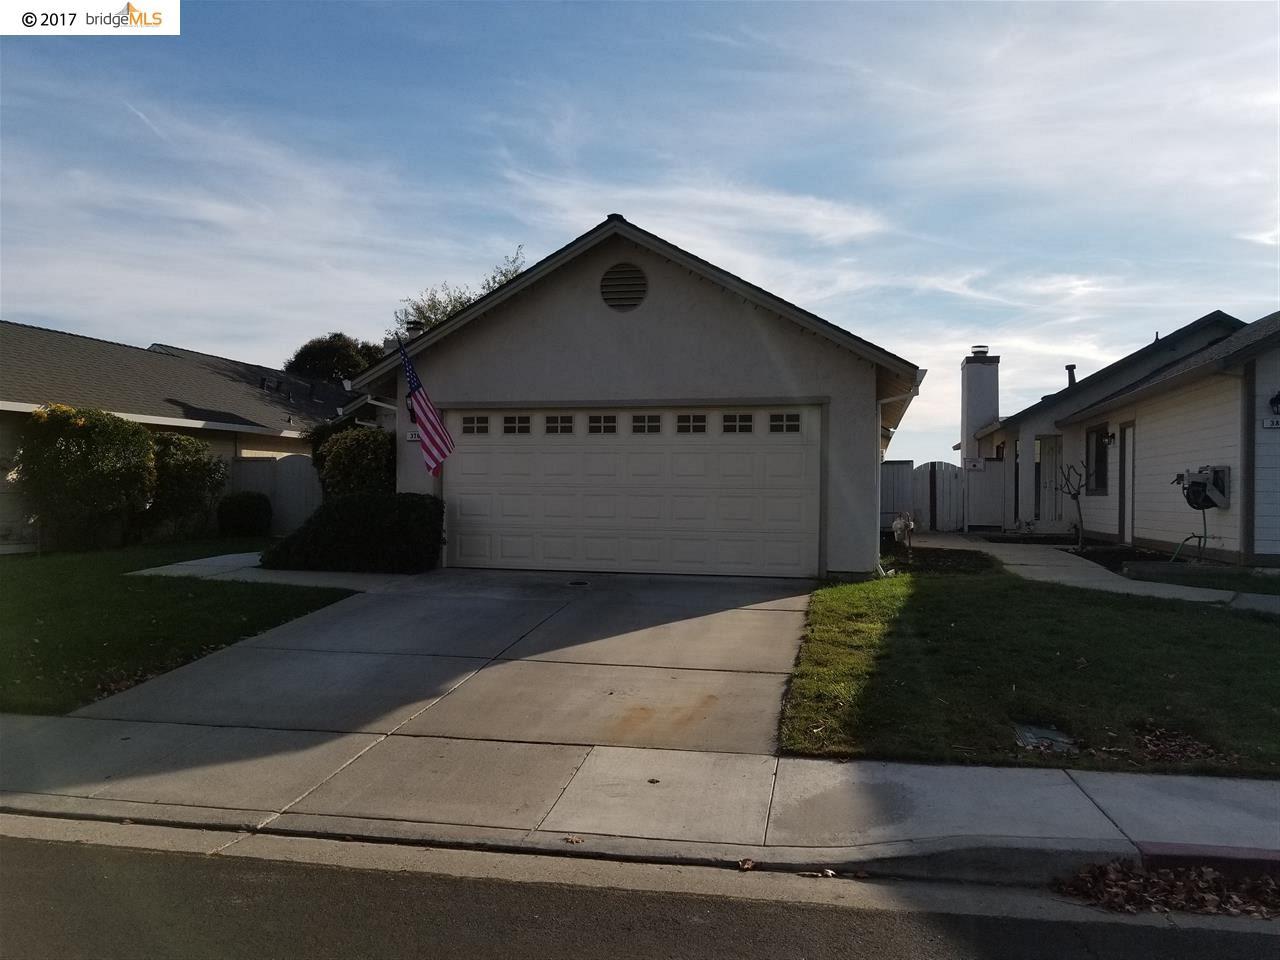 Casa Unifamiliar por un Alquiler en 376 GROVEWOOD LOOP 376 GROVEWOOD LOOP Brentwood, California 94513 Estados Unidos